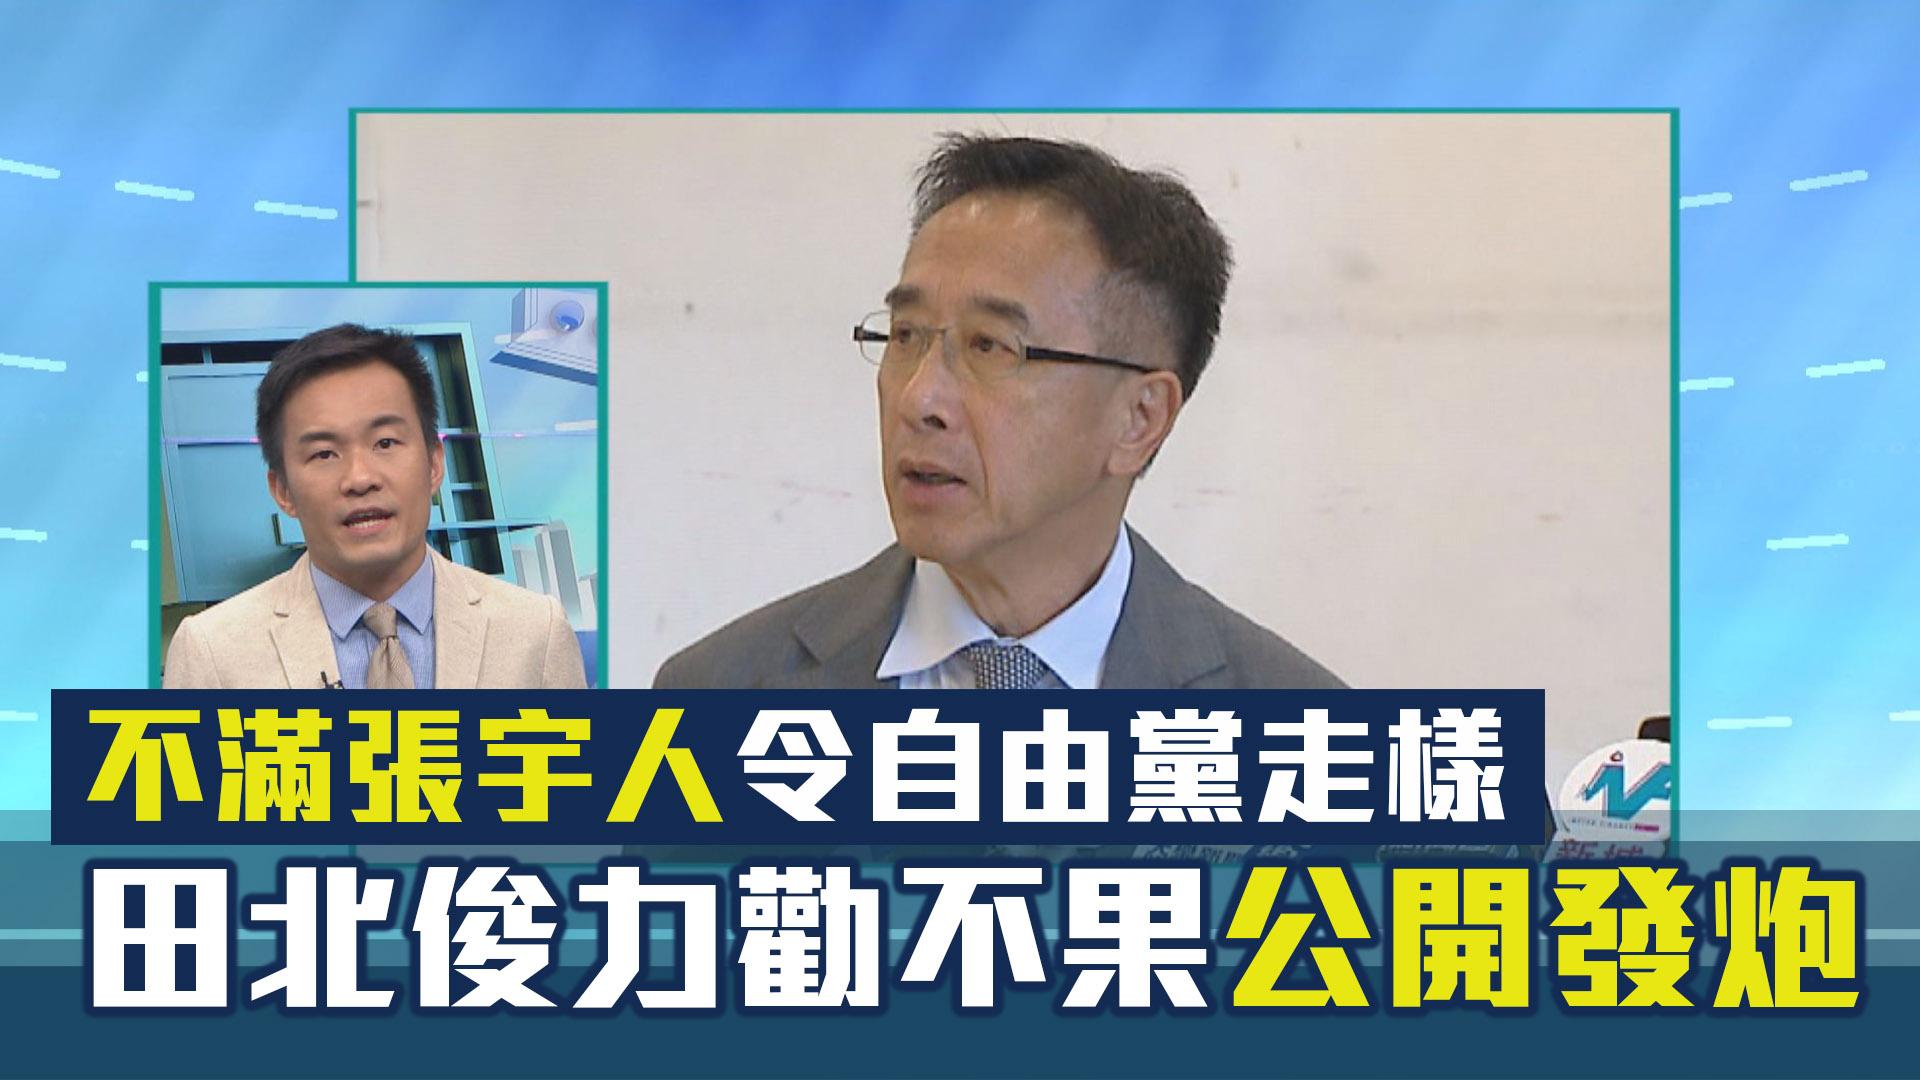 【政情】不滿張宇人令自由黨走樣 田北俊力勸不果公開發炮